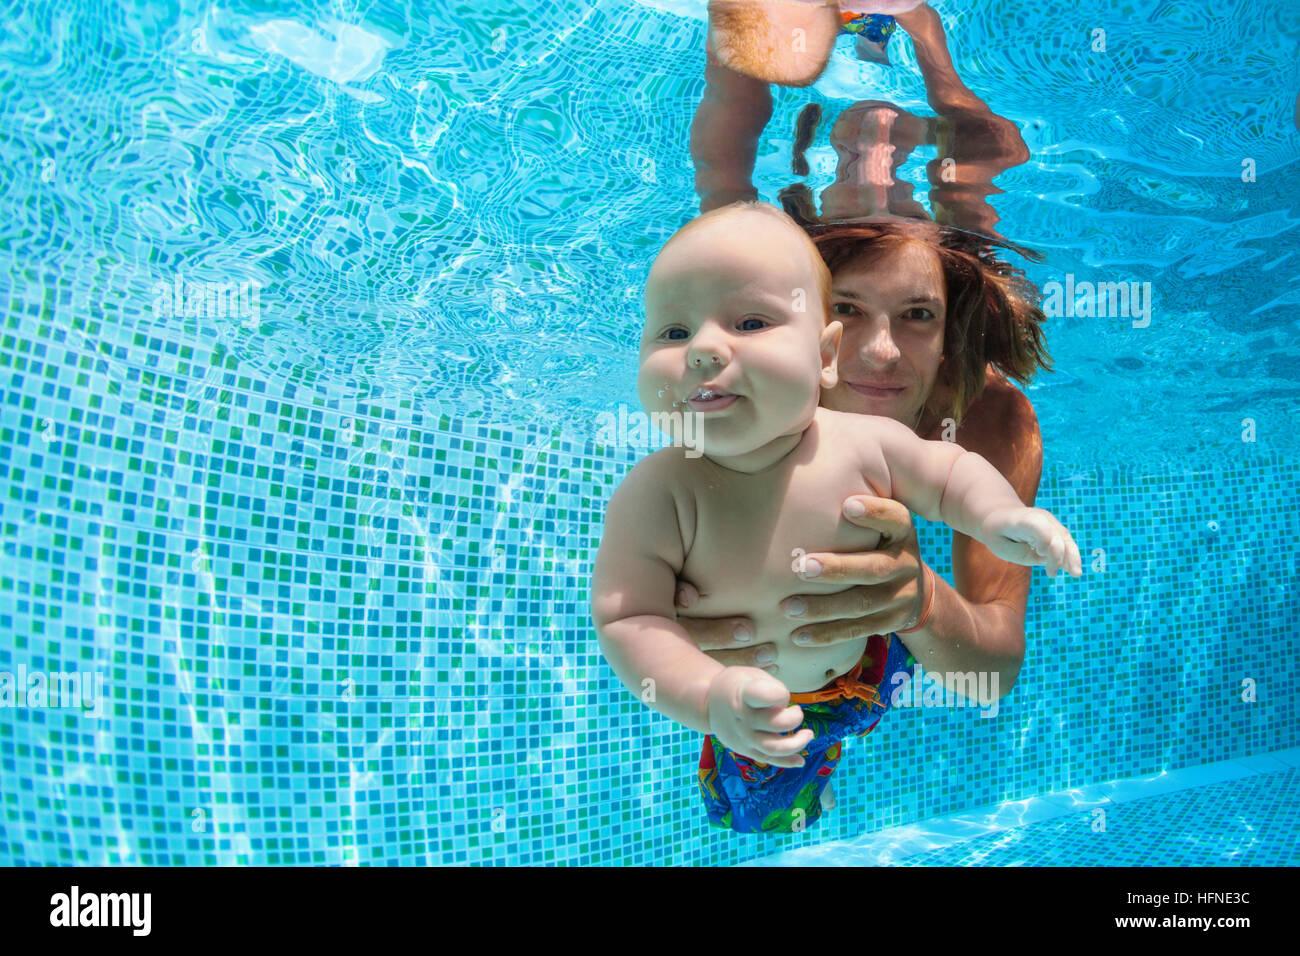 Familia fitness. Padre mantenga en manos hijo aprendizaje submarina de buceo en la piscina. Un estilo de vida activo, Imagen De Stock